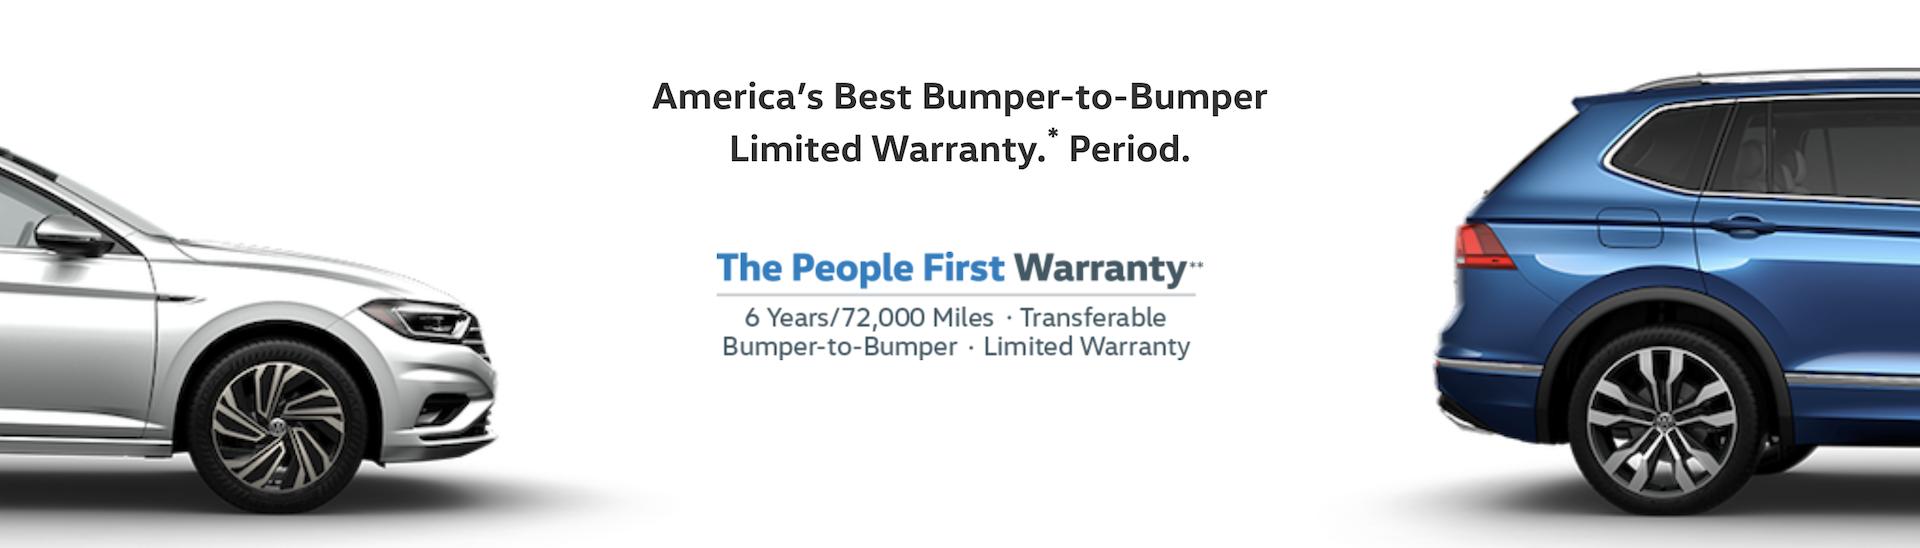 bumper warranty